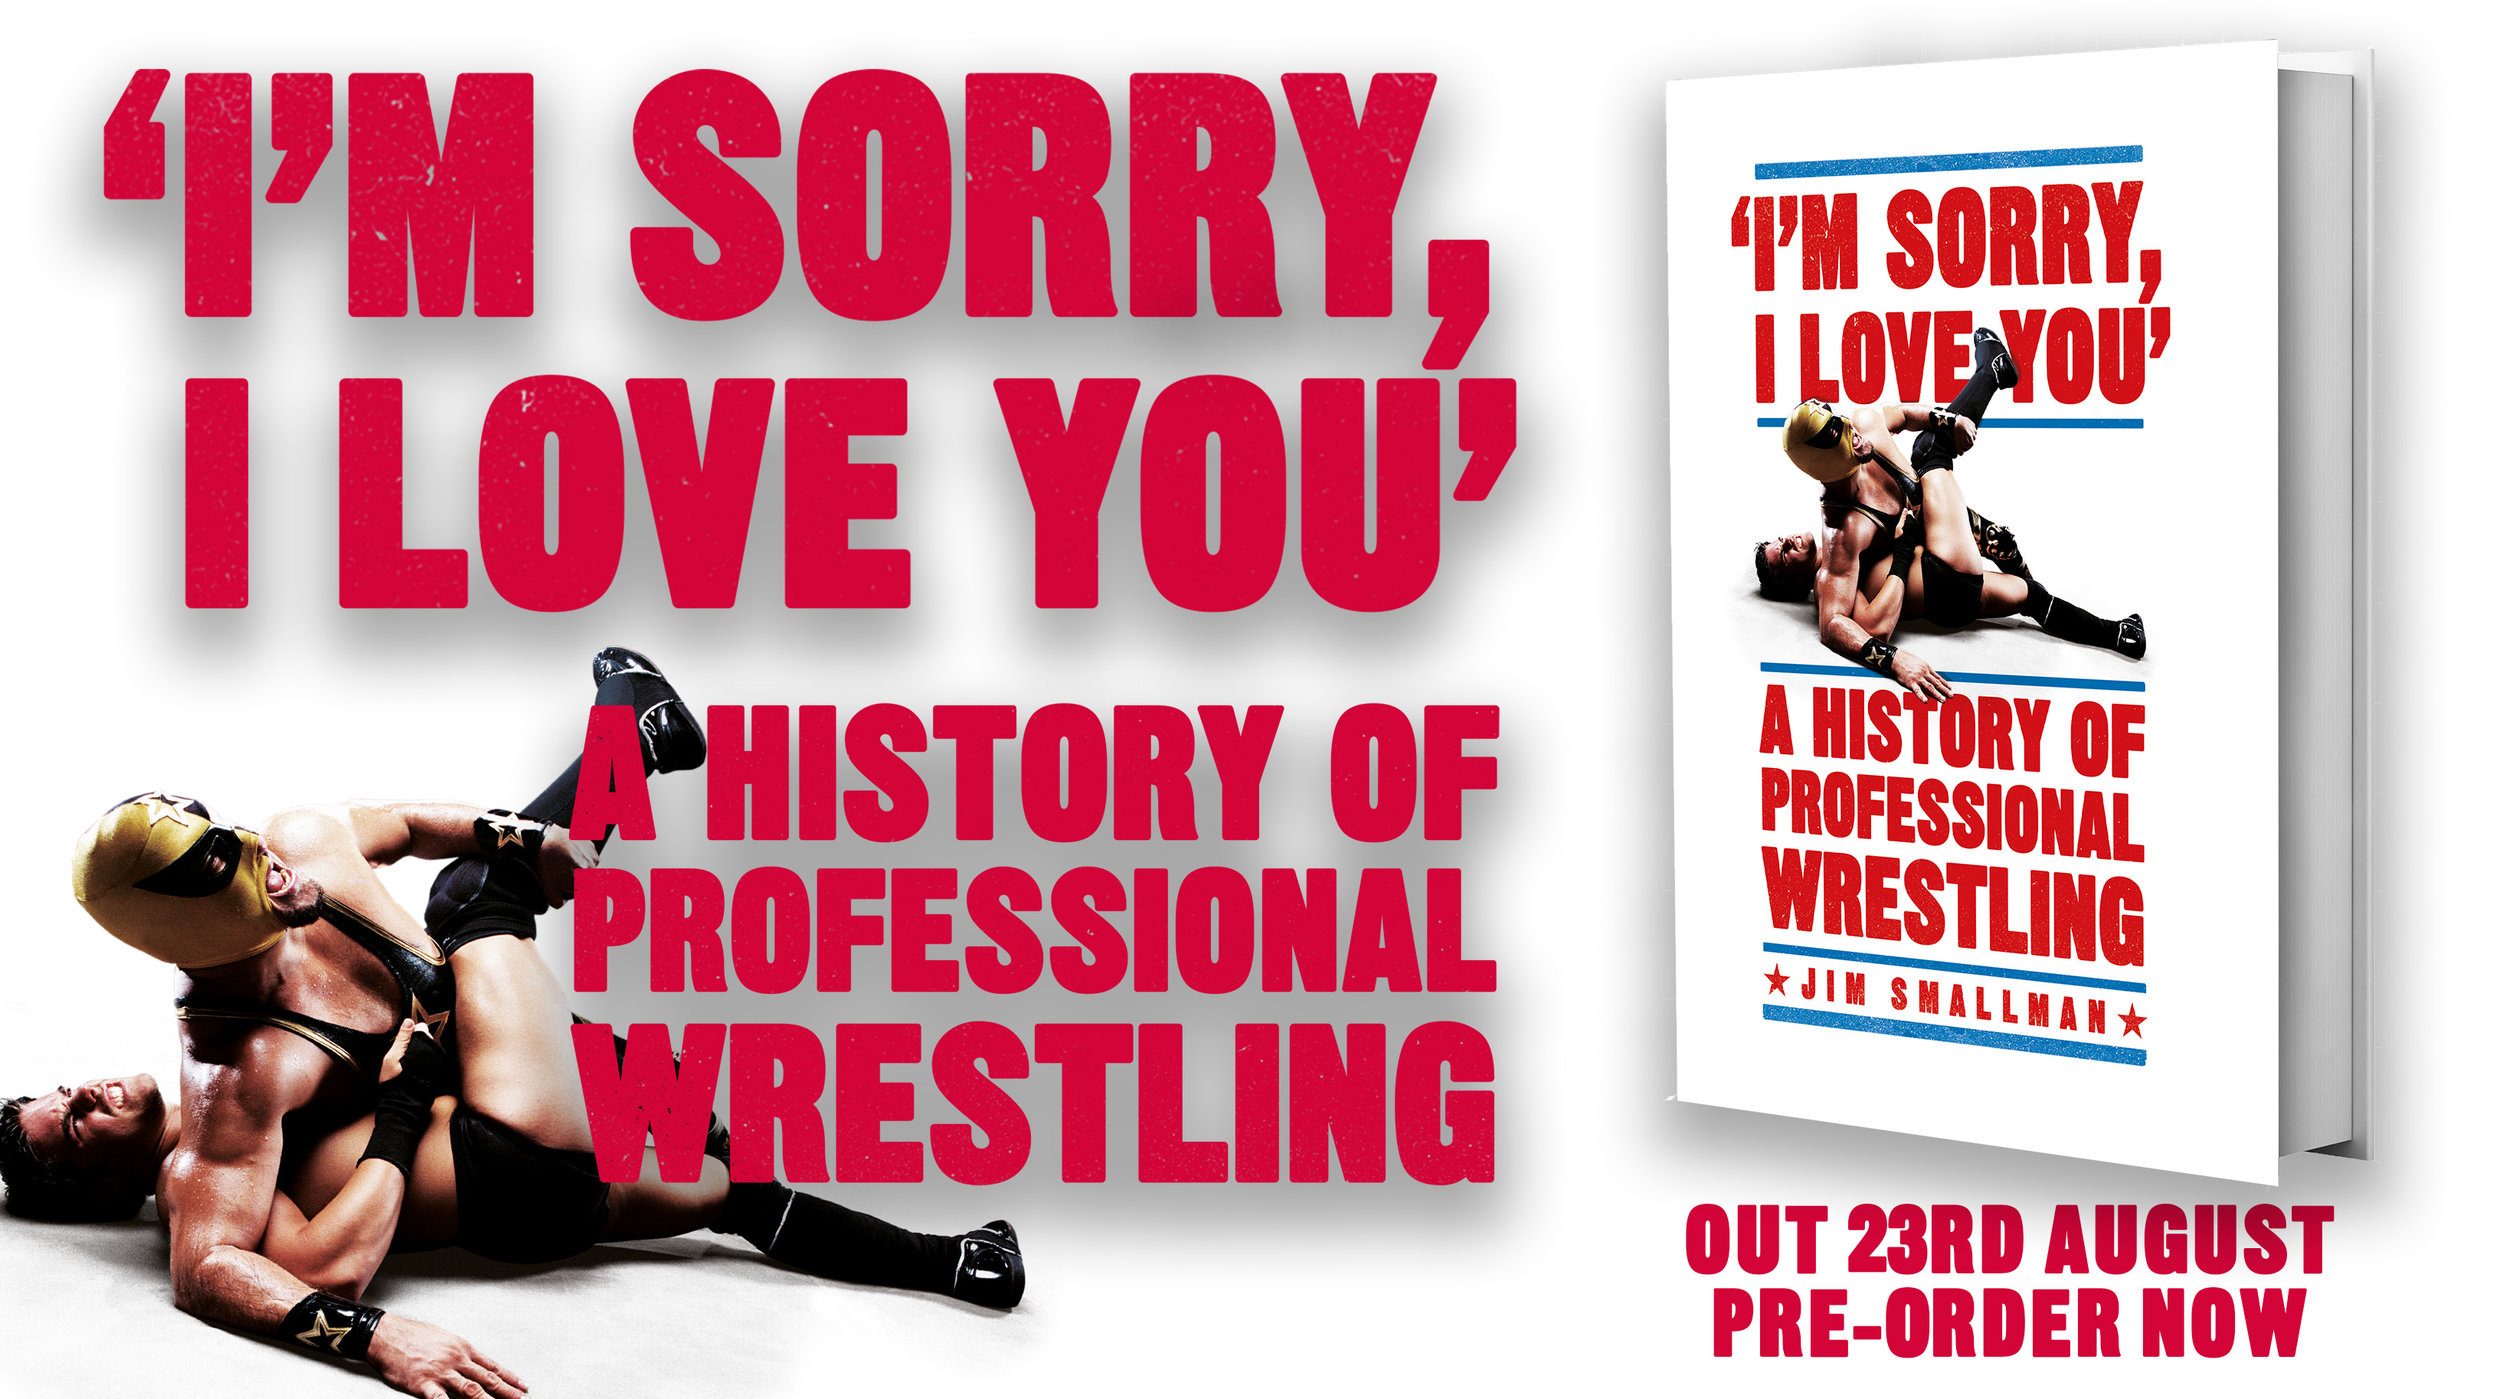 wrestling image.jpg